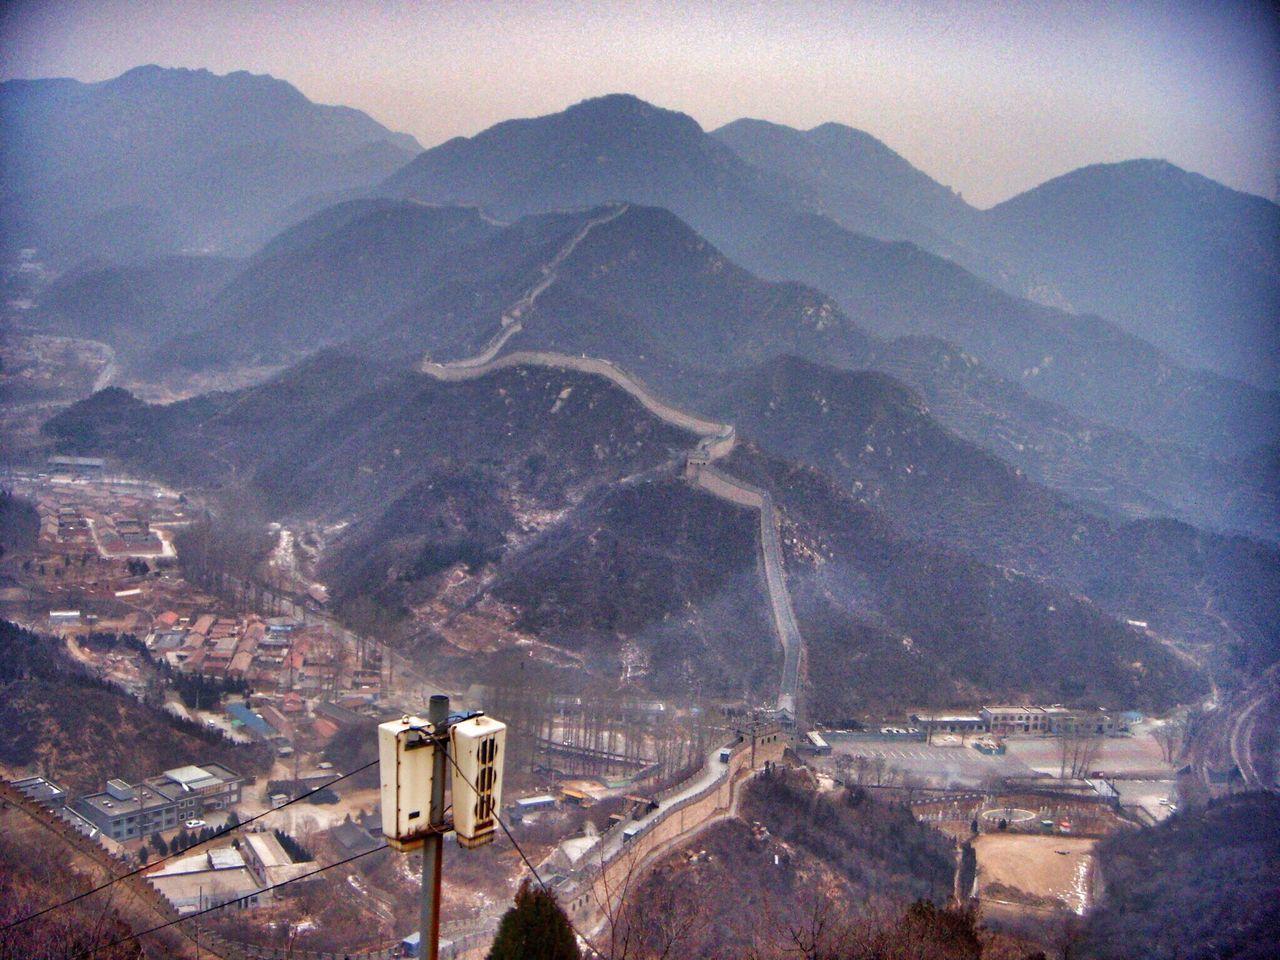 Chinese Wall Badaling China China Photos Commune By The Great Wall Great Wall Of China